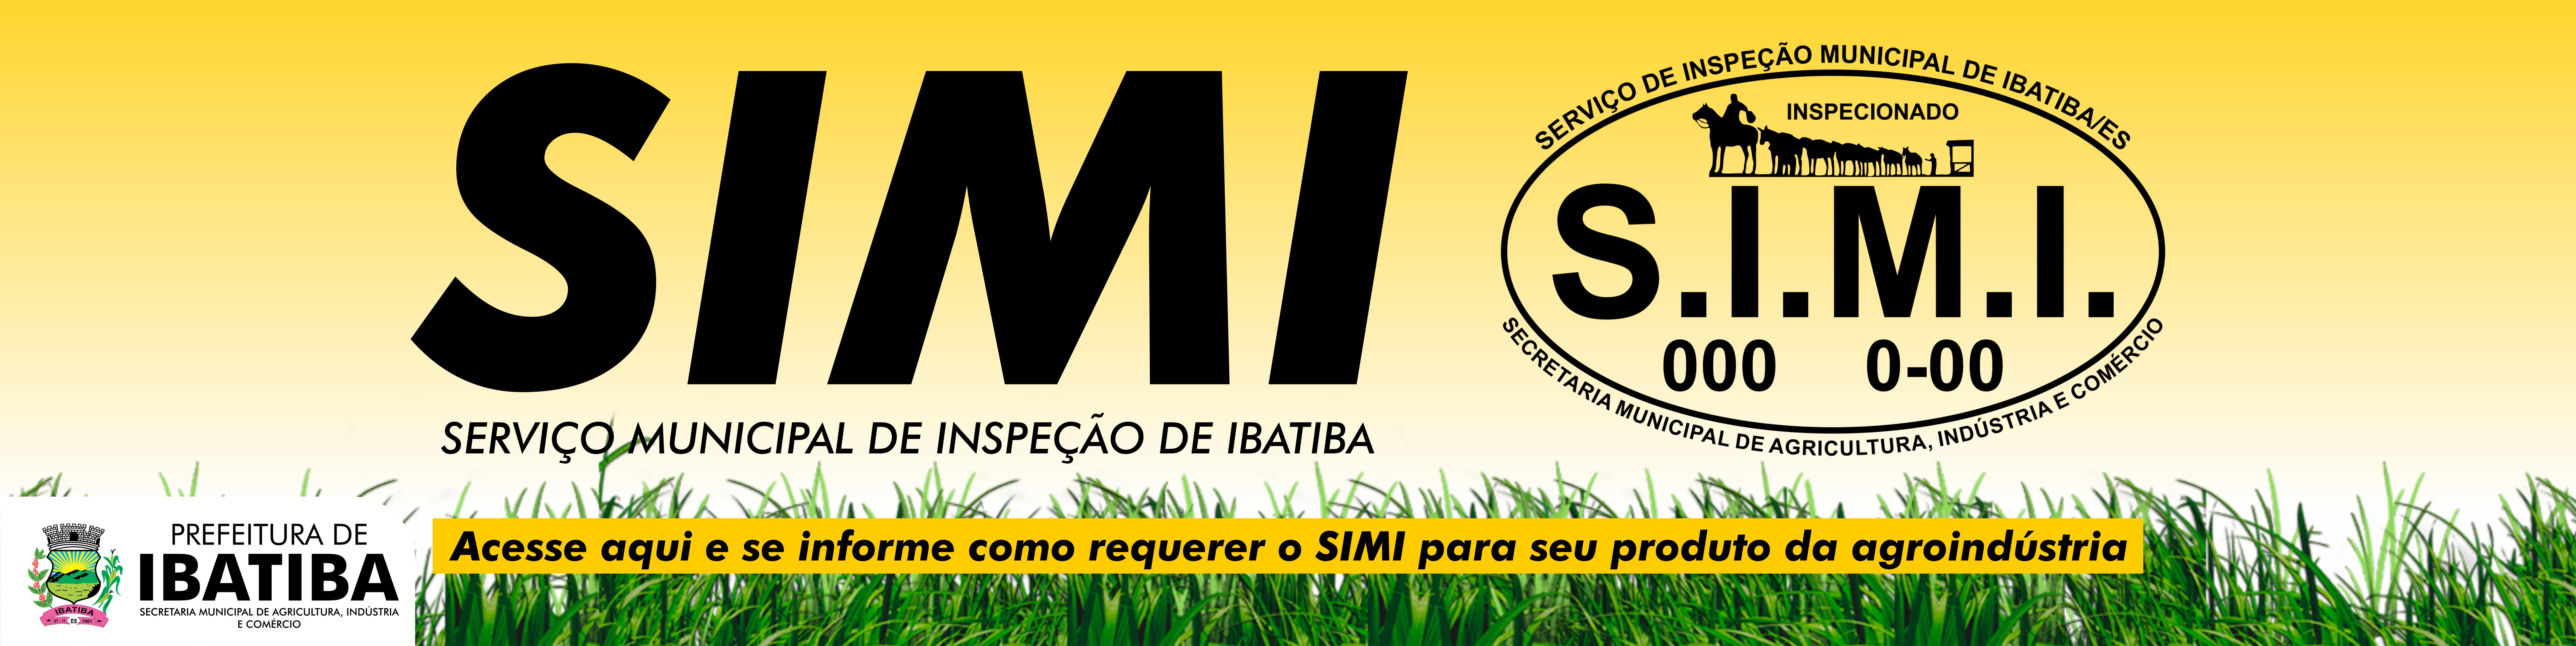 SIMI - SERVIÇO MUNICIPAL DE INSPEÇÃO DE IBATIBA